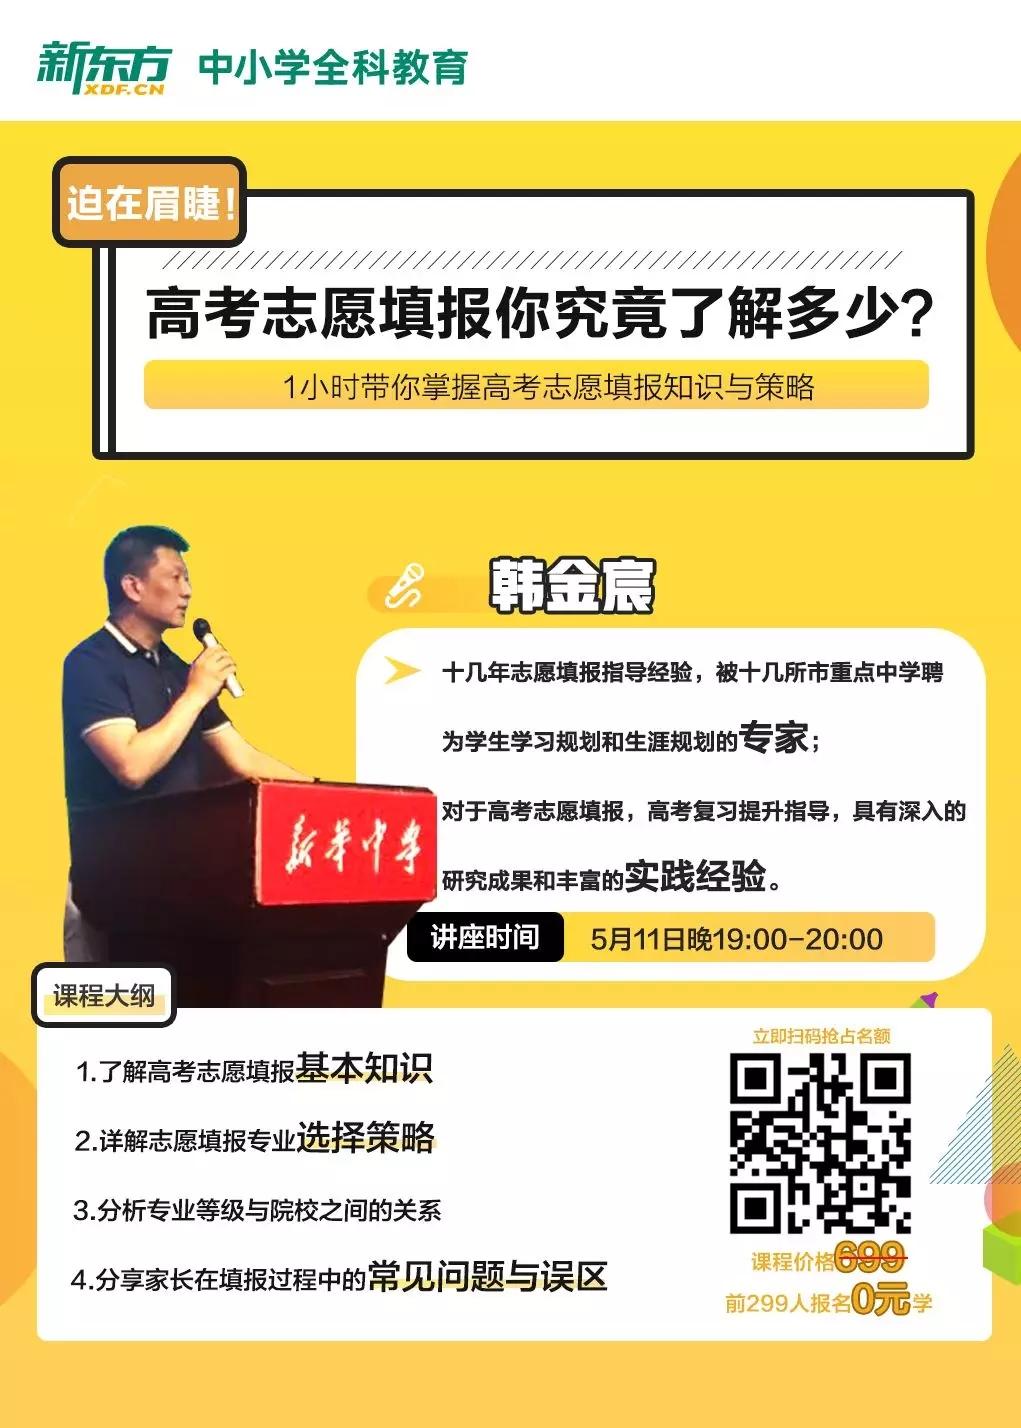 天津高考志愿填报讲座